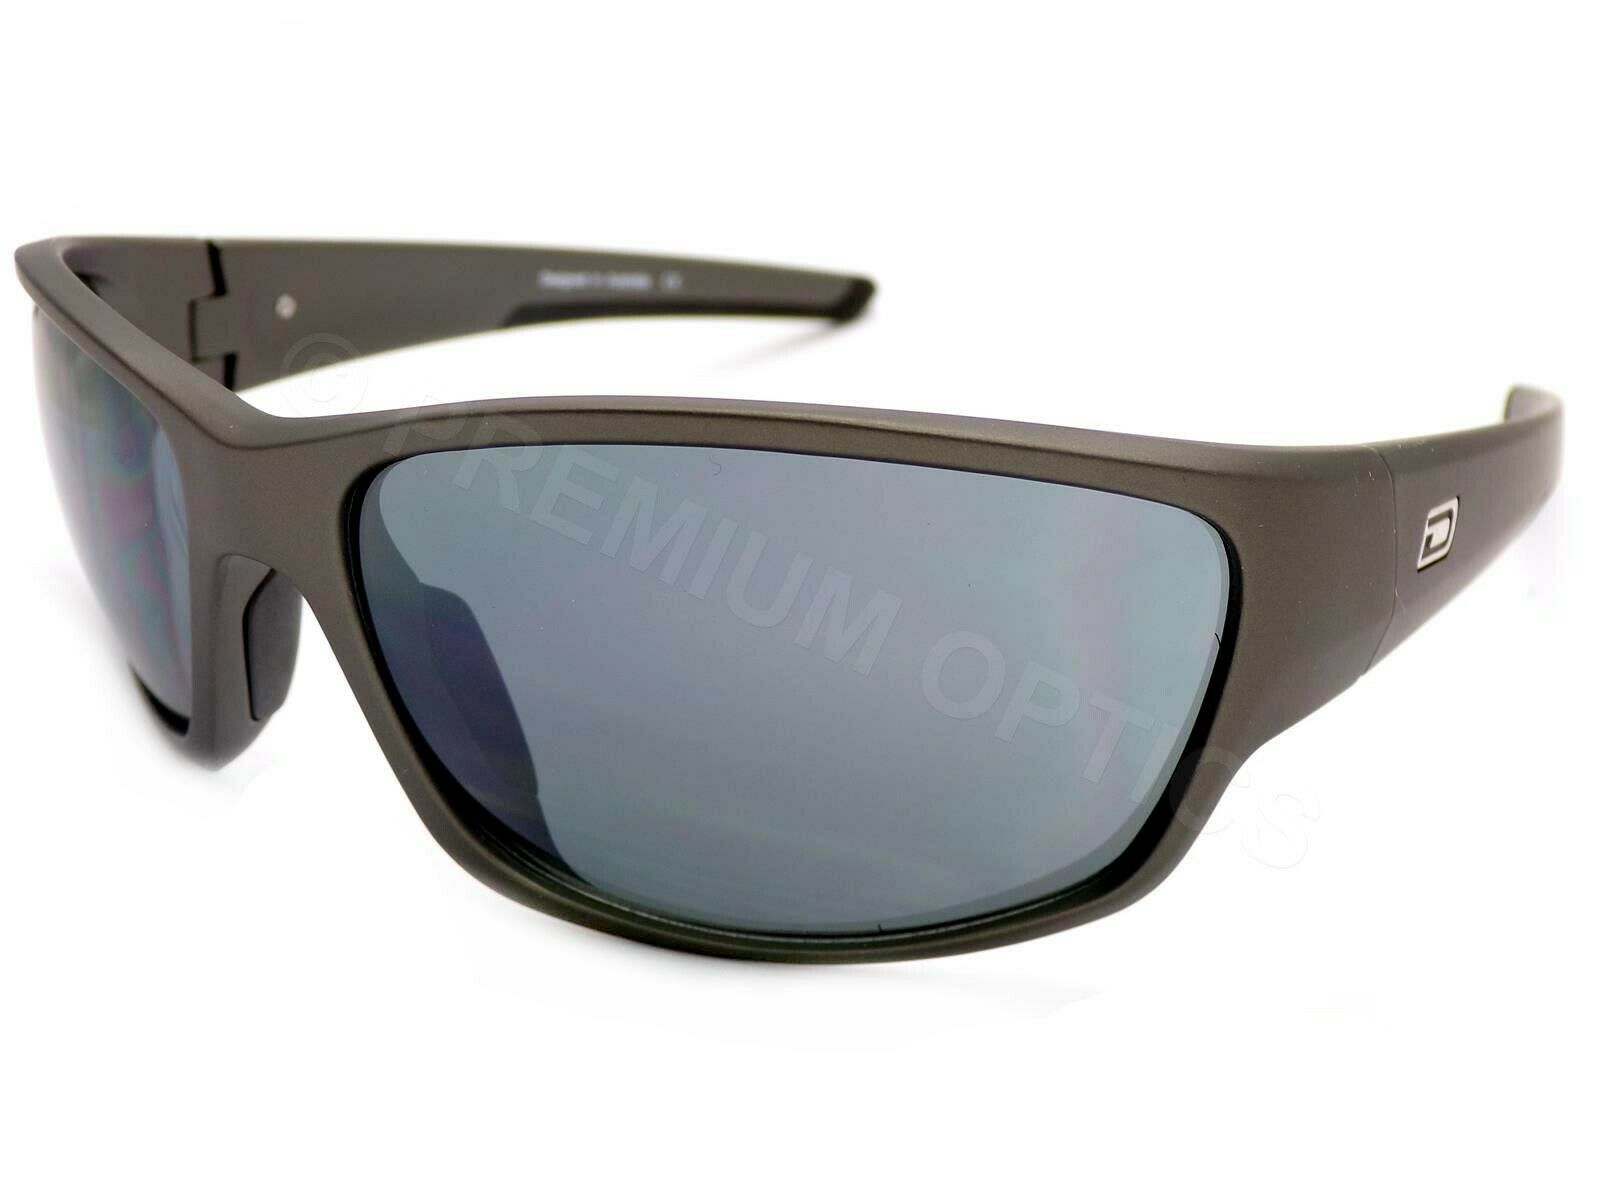 Schmutz Hund - Kette Kette Kette Sport Sonnenbrille Matt Dunkelgrau   Silberfarbene Gläser | Spielzeugwelt, glücklich und grenzenlos  3f24d7